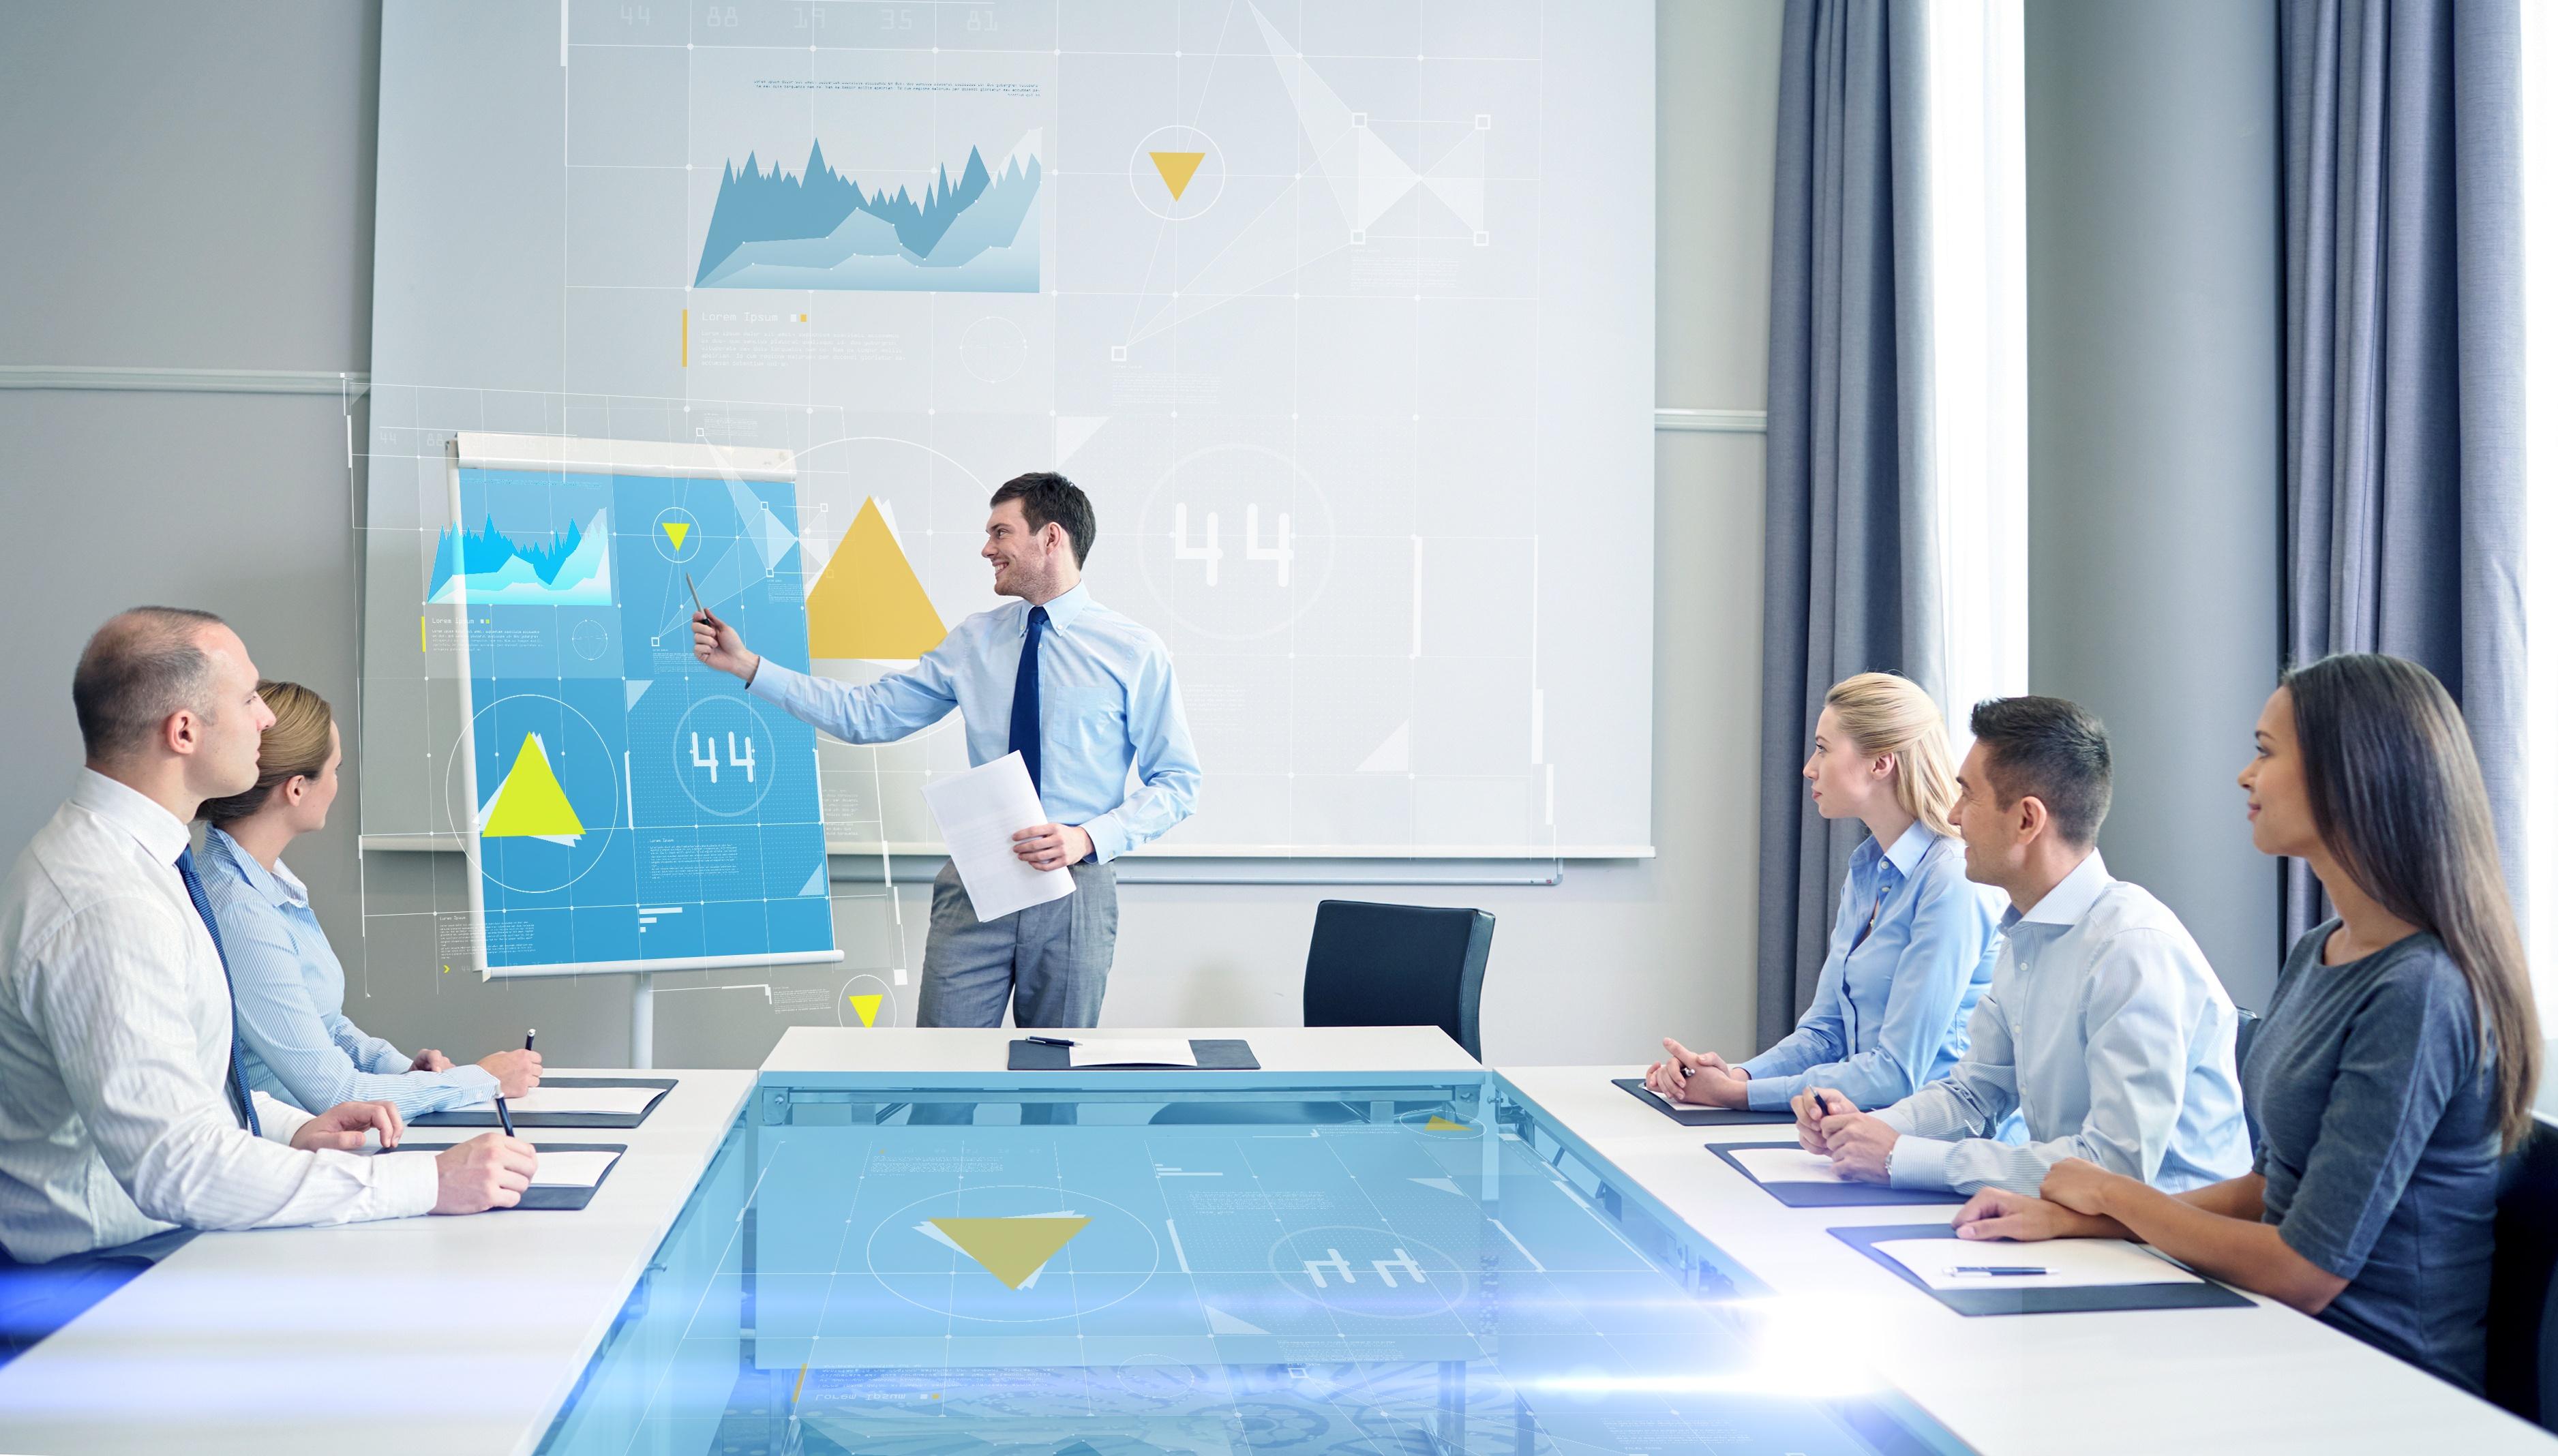 [Guía gratis] Cómo presentar datos de manera eficaz